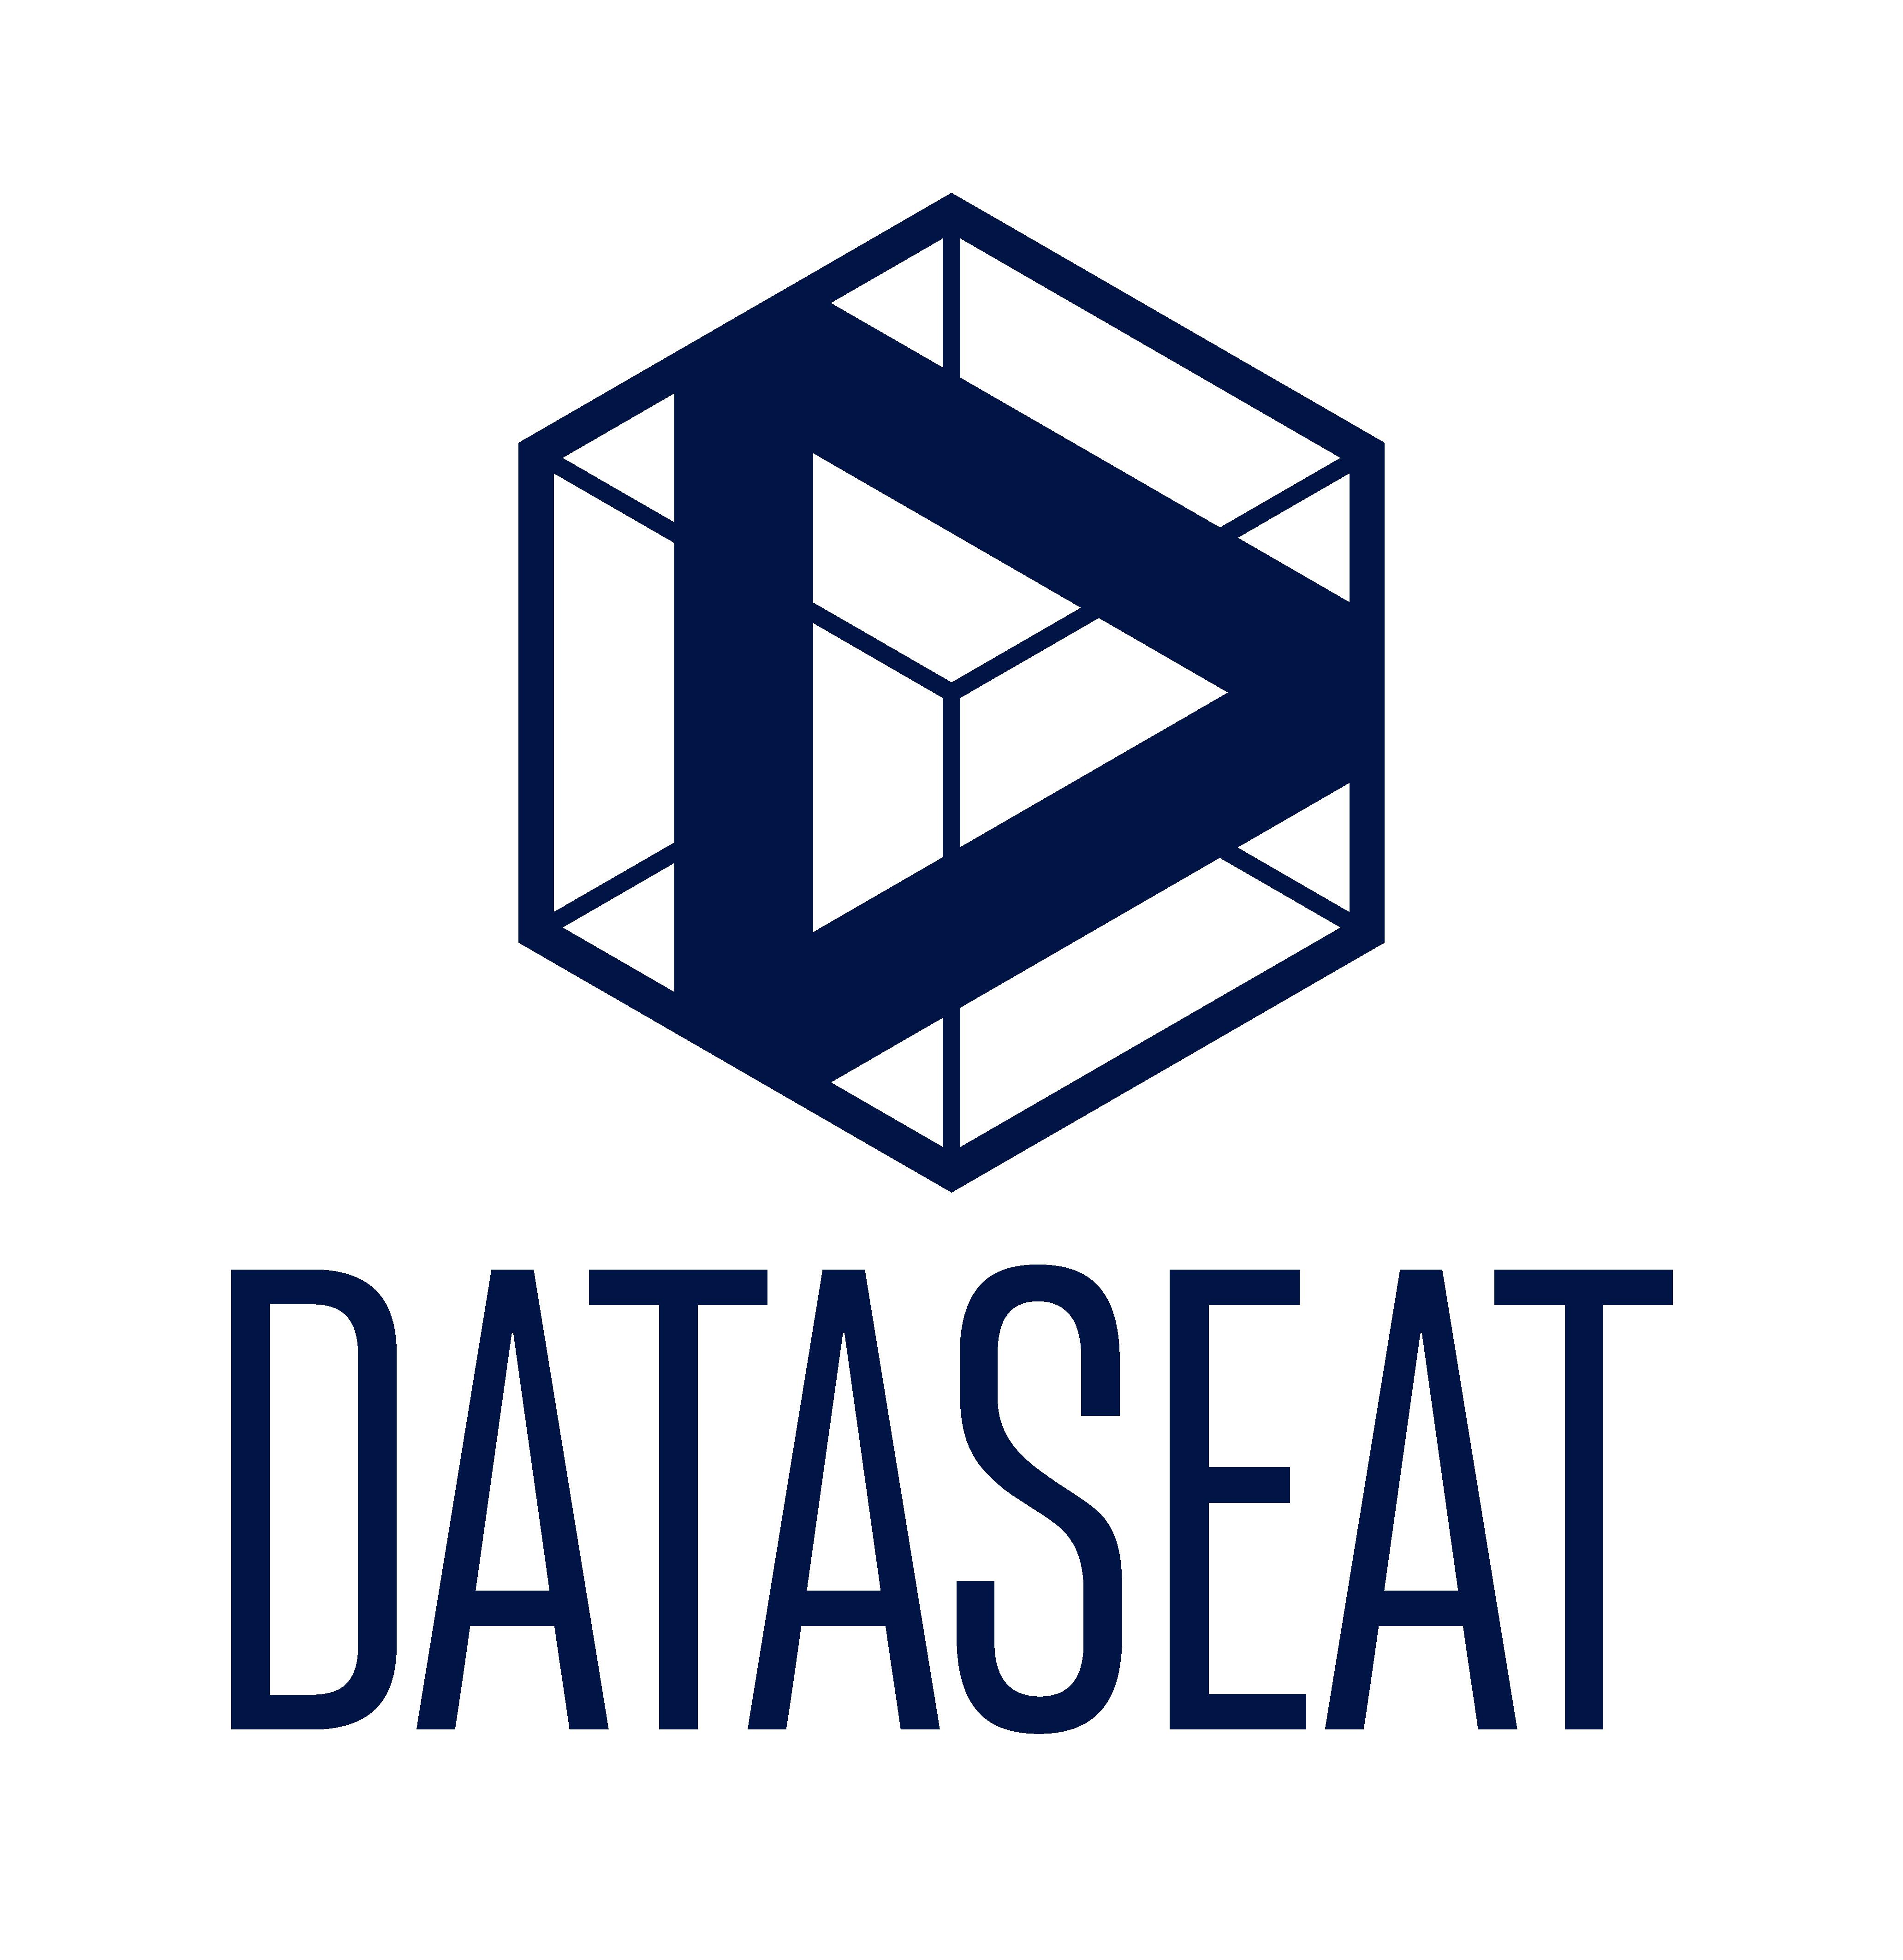 Dataseat